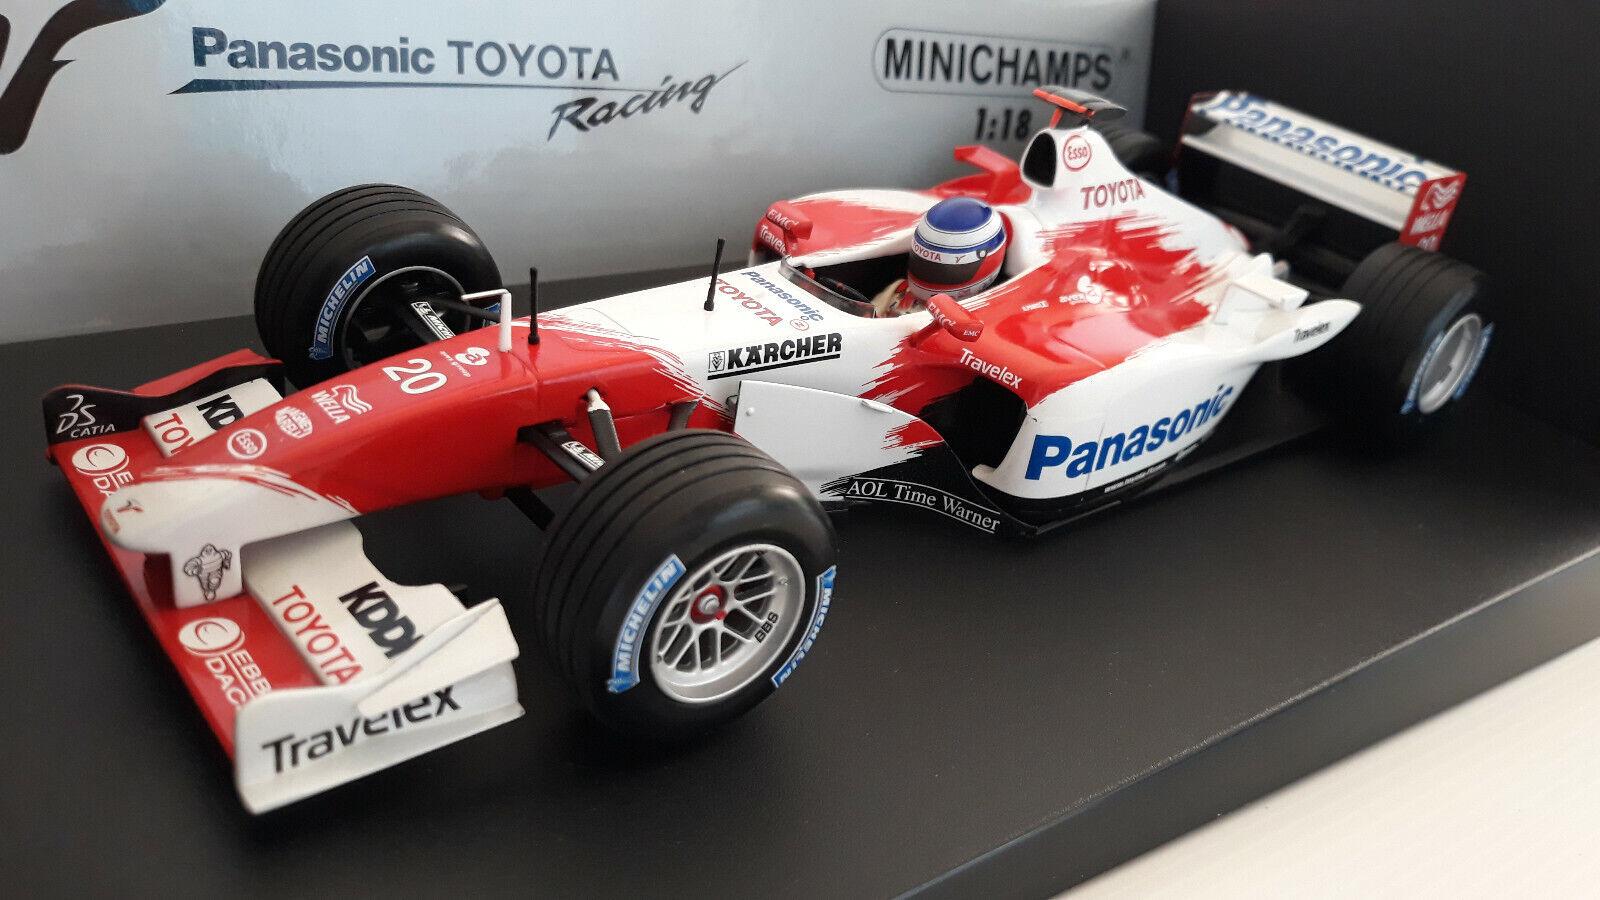 F1 TOYOTA PANASONIC TF103 de 2003 O.  PANIS au 1 18 MINICHAMPS 100030020 formule1  vente de renommée mondiale en ligne